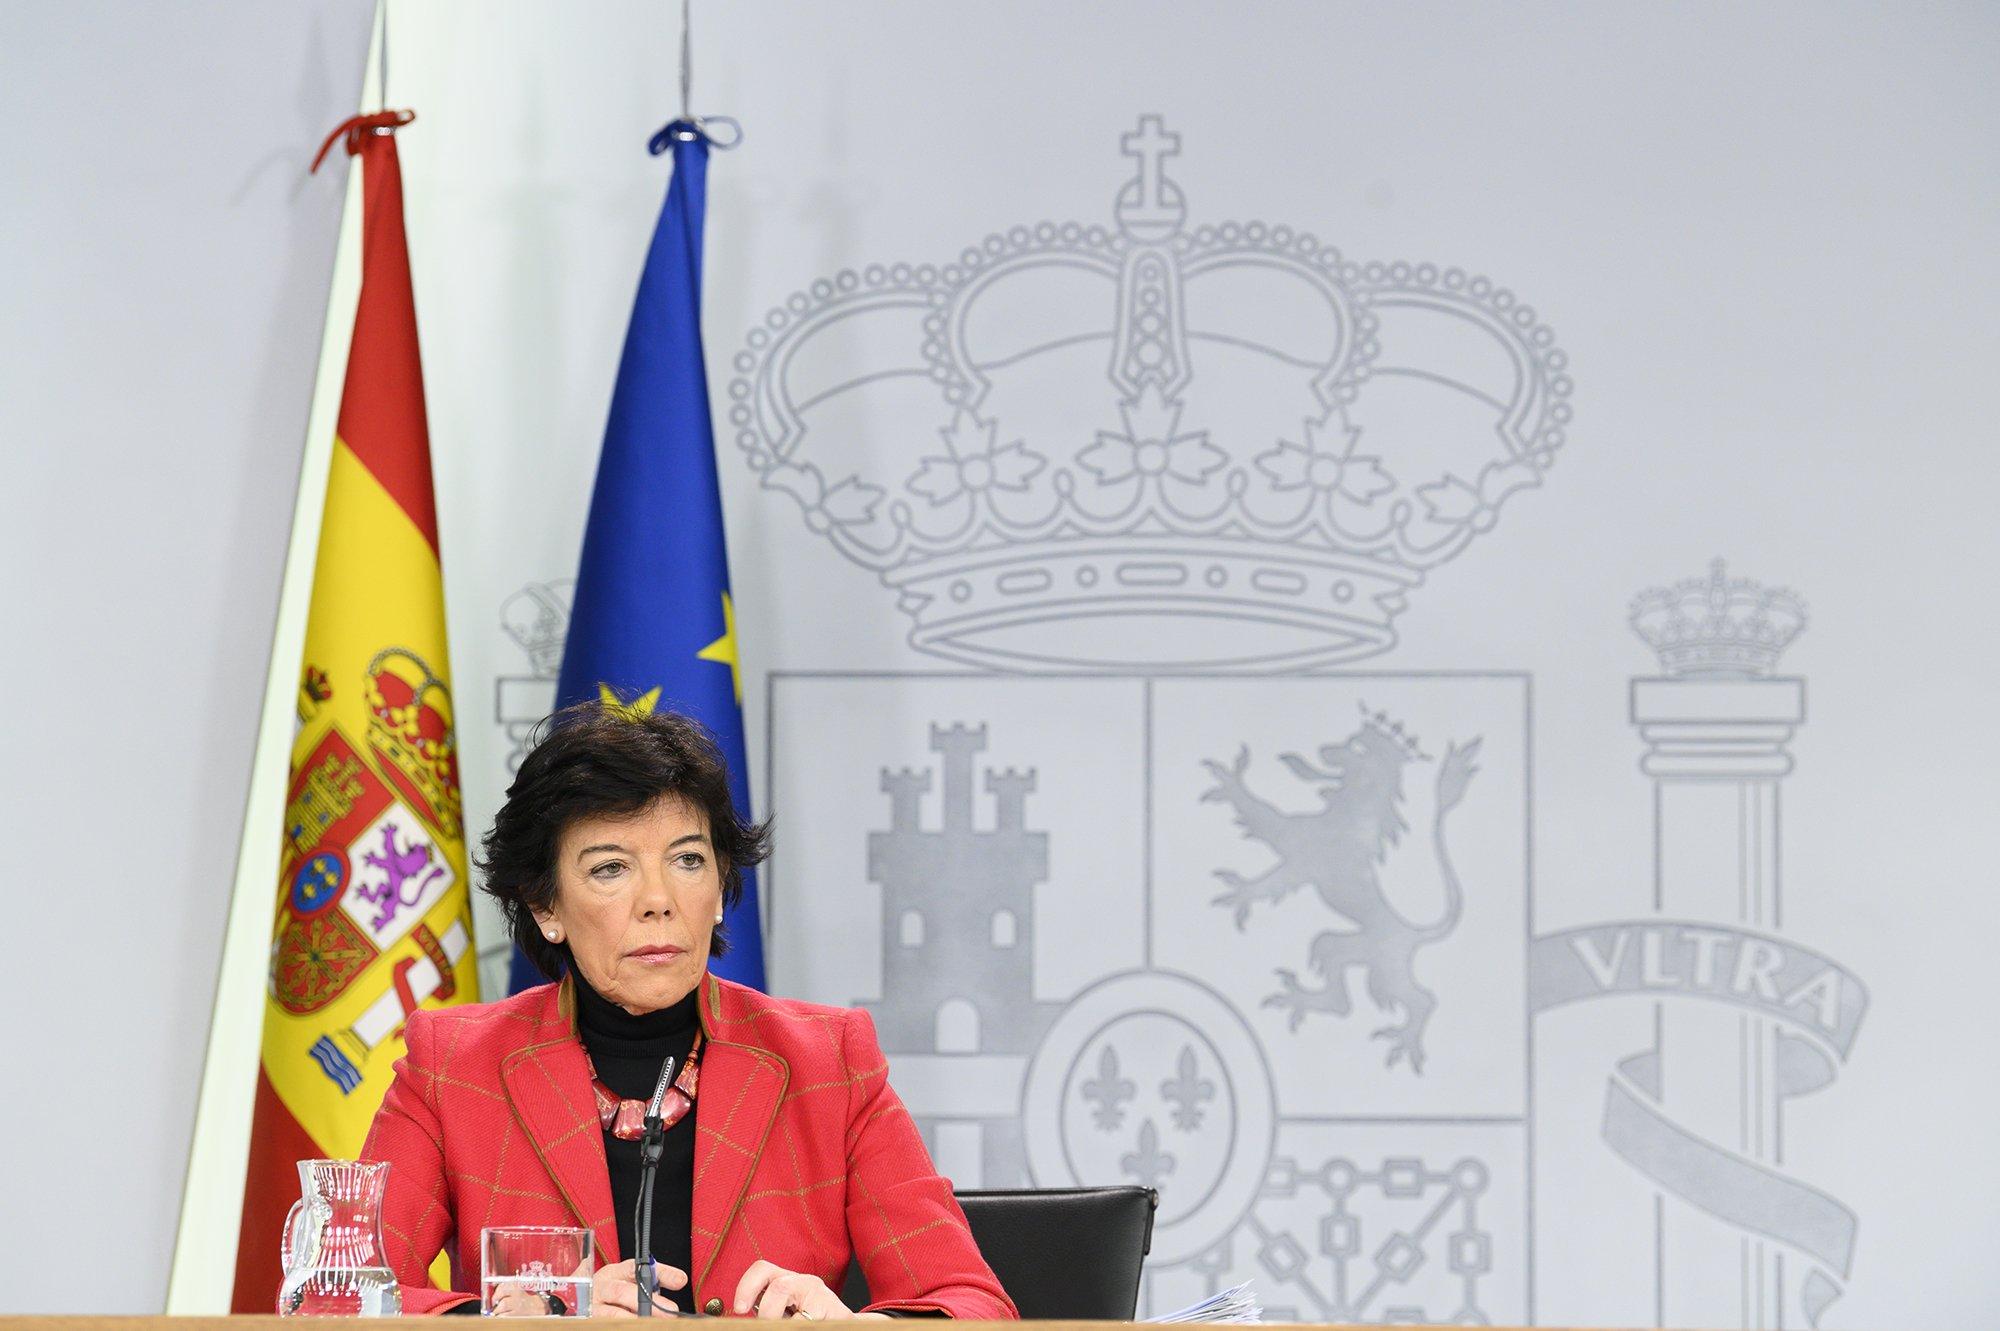 Consejo de Ministros. Las primera leyes: la educativa y la eutanasia. ¿No sería mejor unas terceras elecciones?